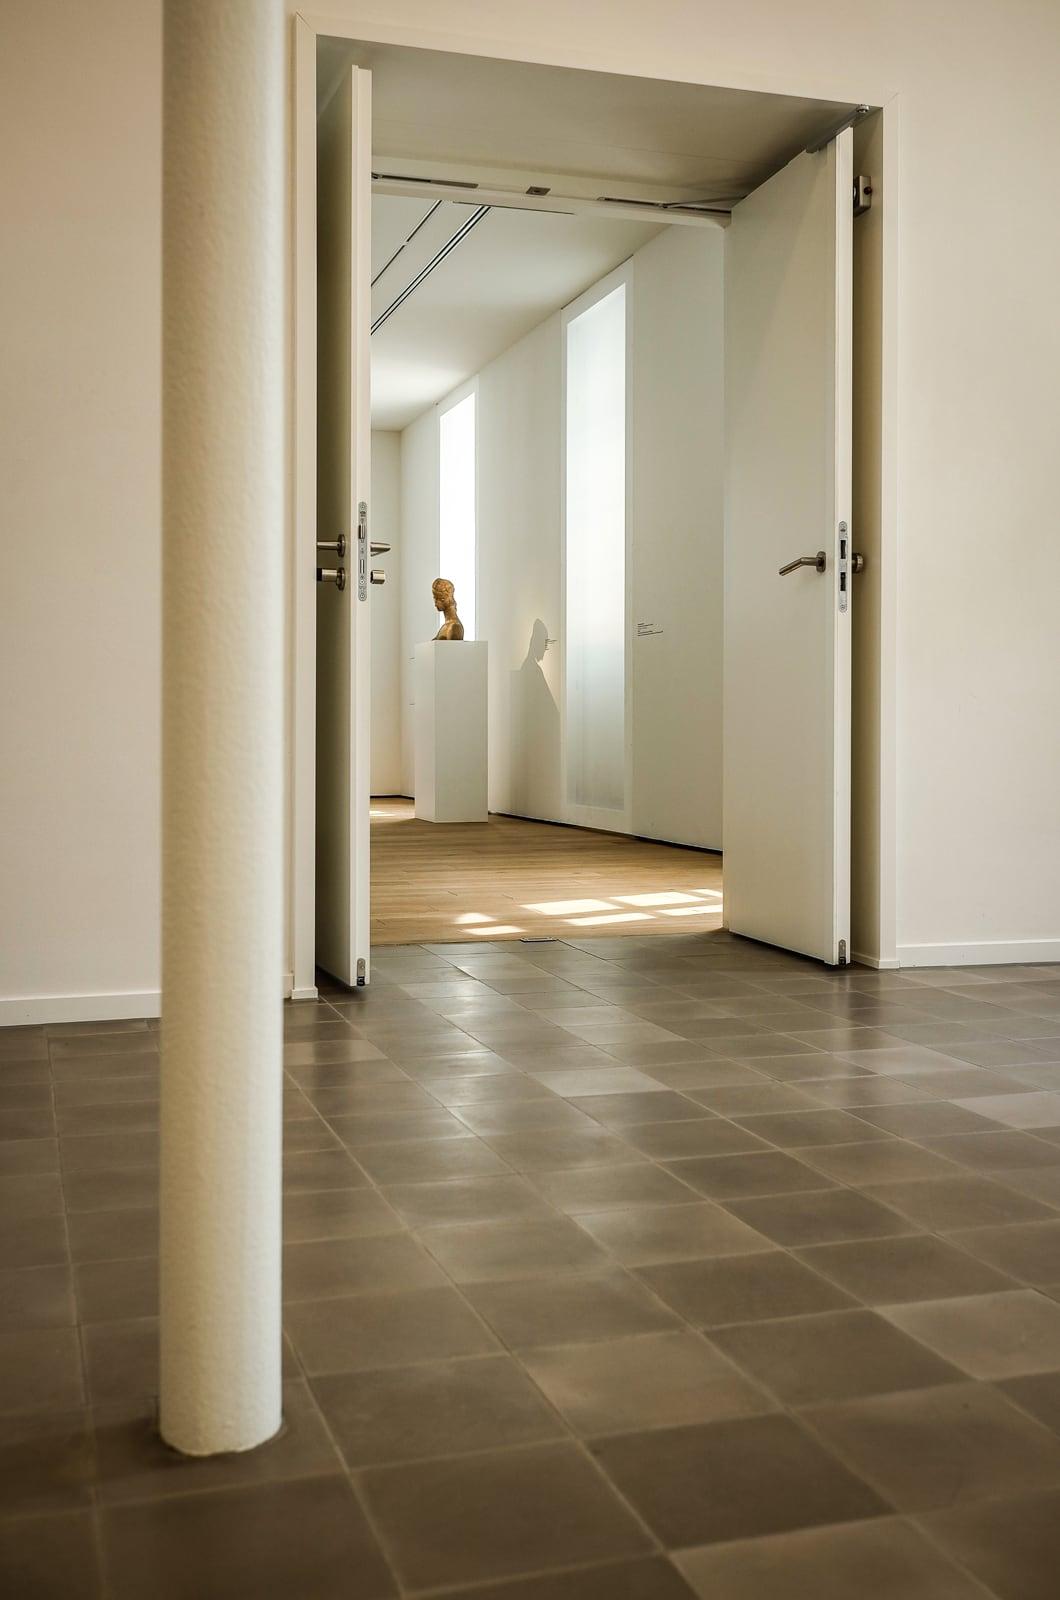 zementfliesen-terrazzofliesen-kreidefarbe-terrazzo-fugenlos-viaplatten-54-museum-ingelheim | 54